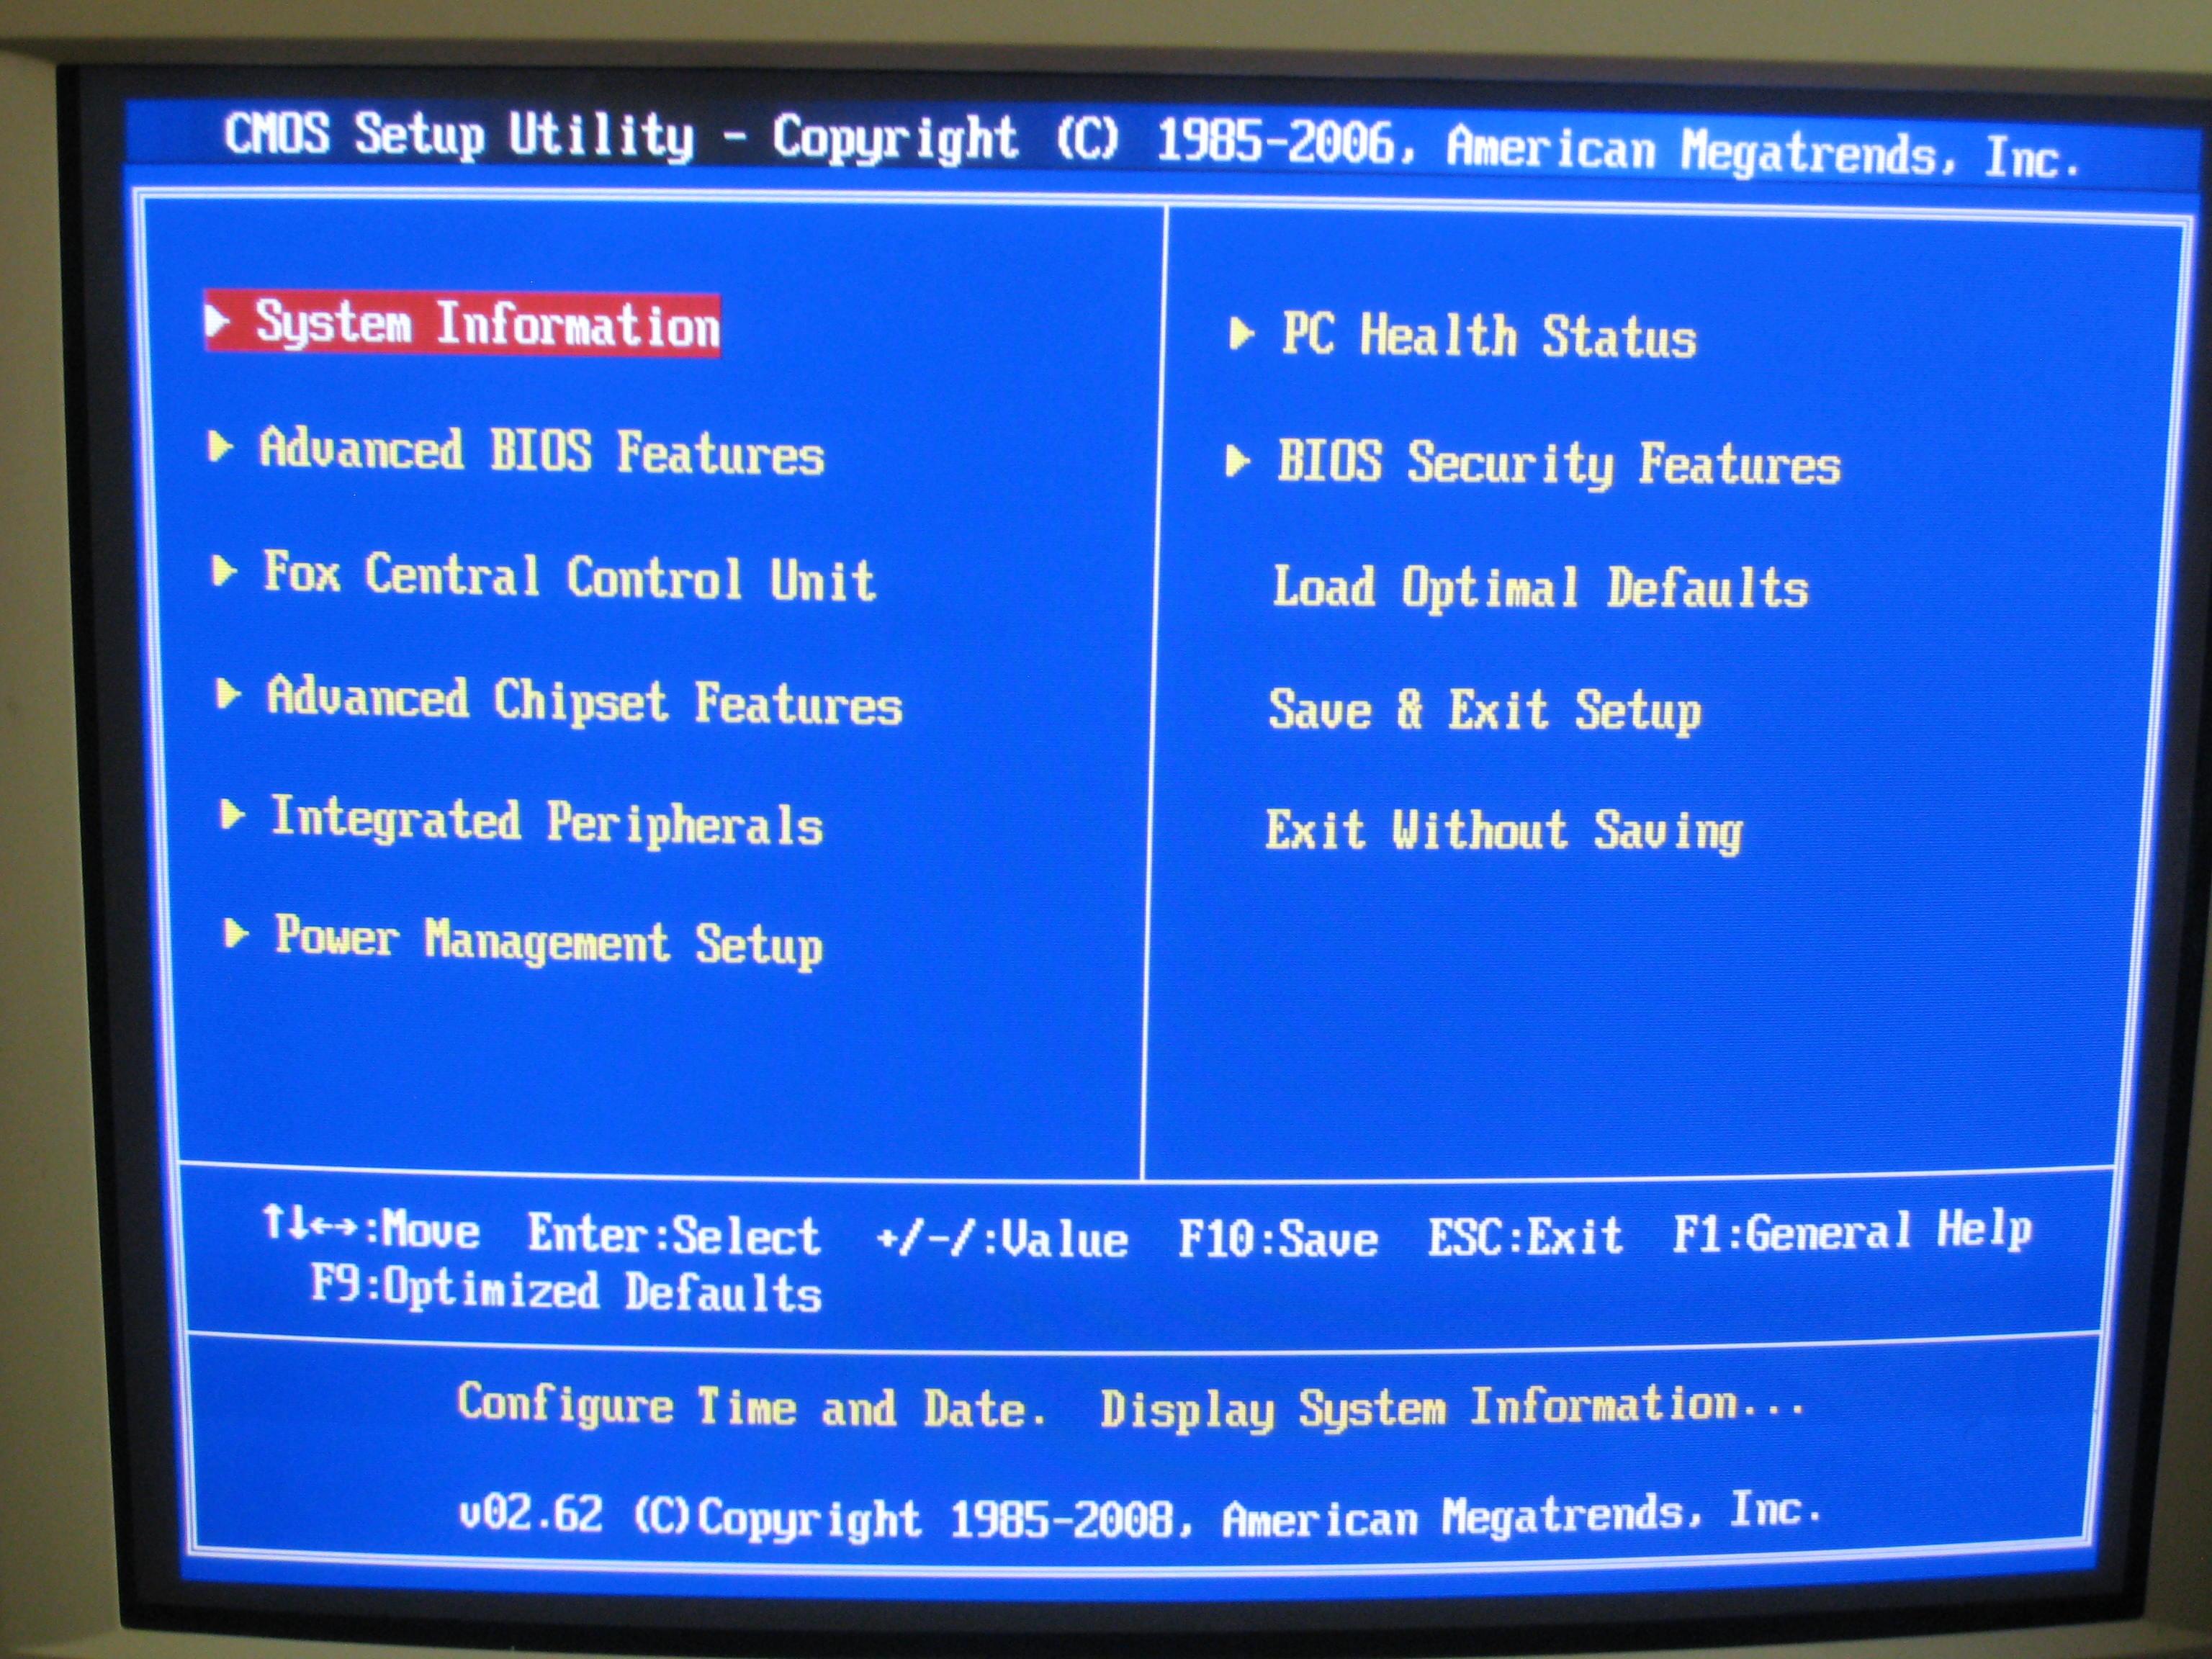 Hit ENTER on System Information